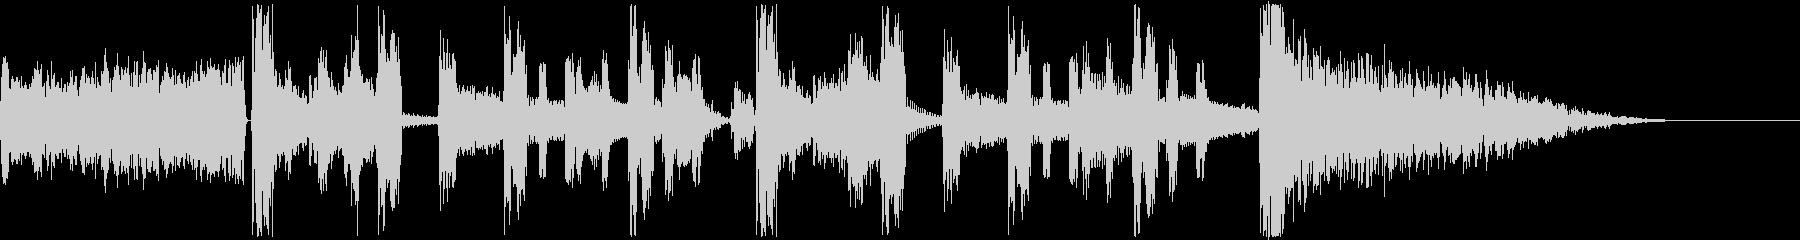 ラジオジングル、コーナー、場面転換の未再生の波形